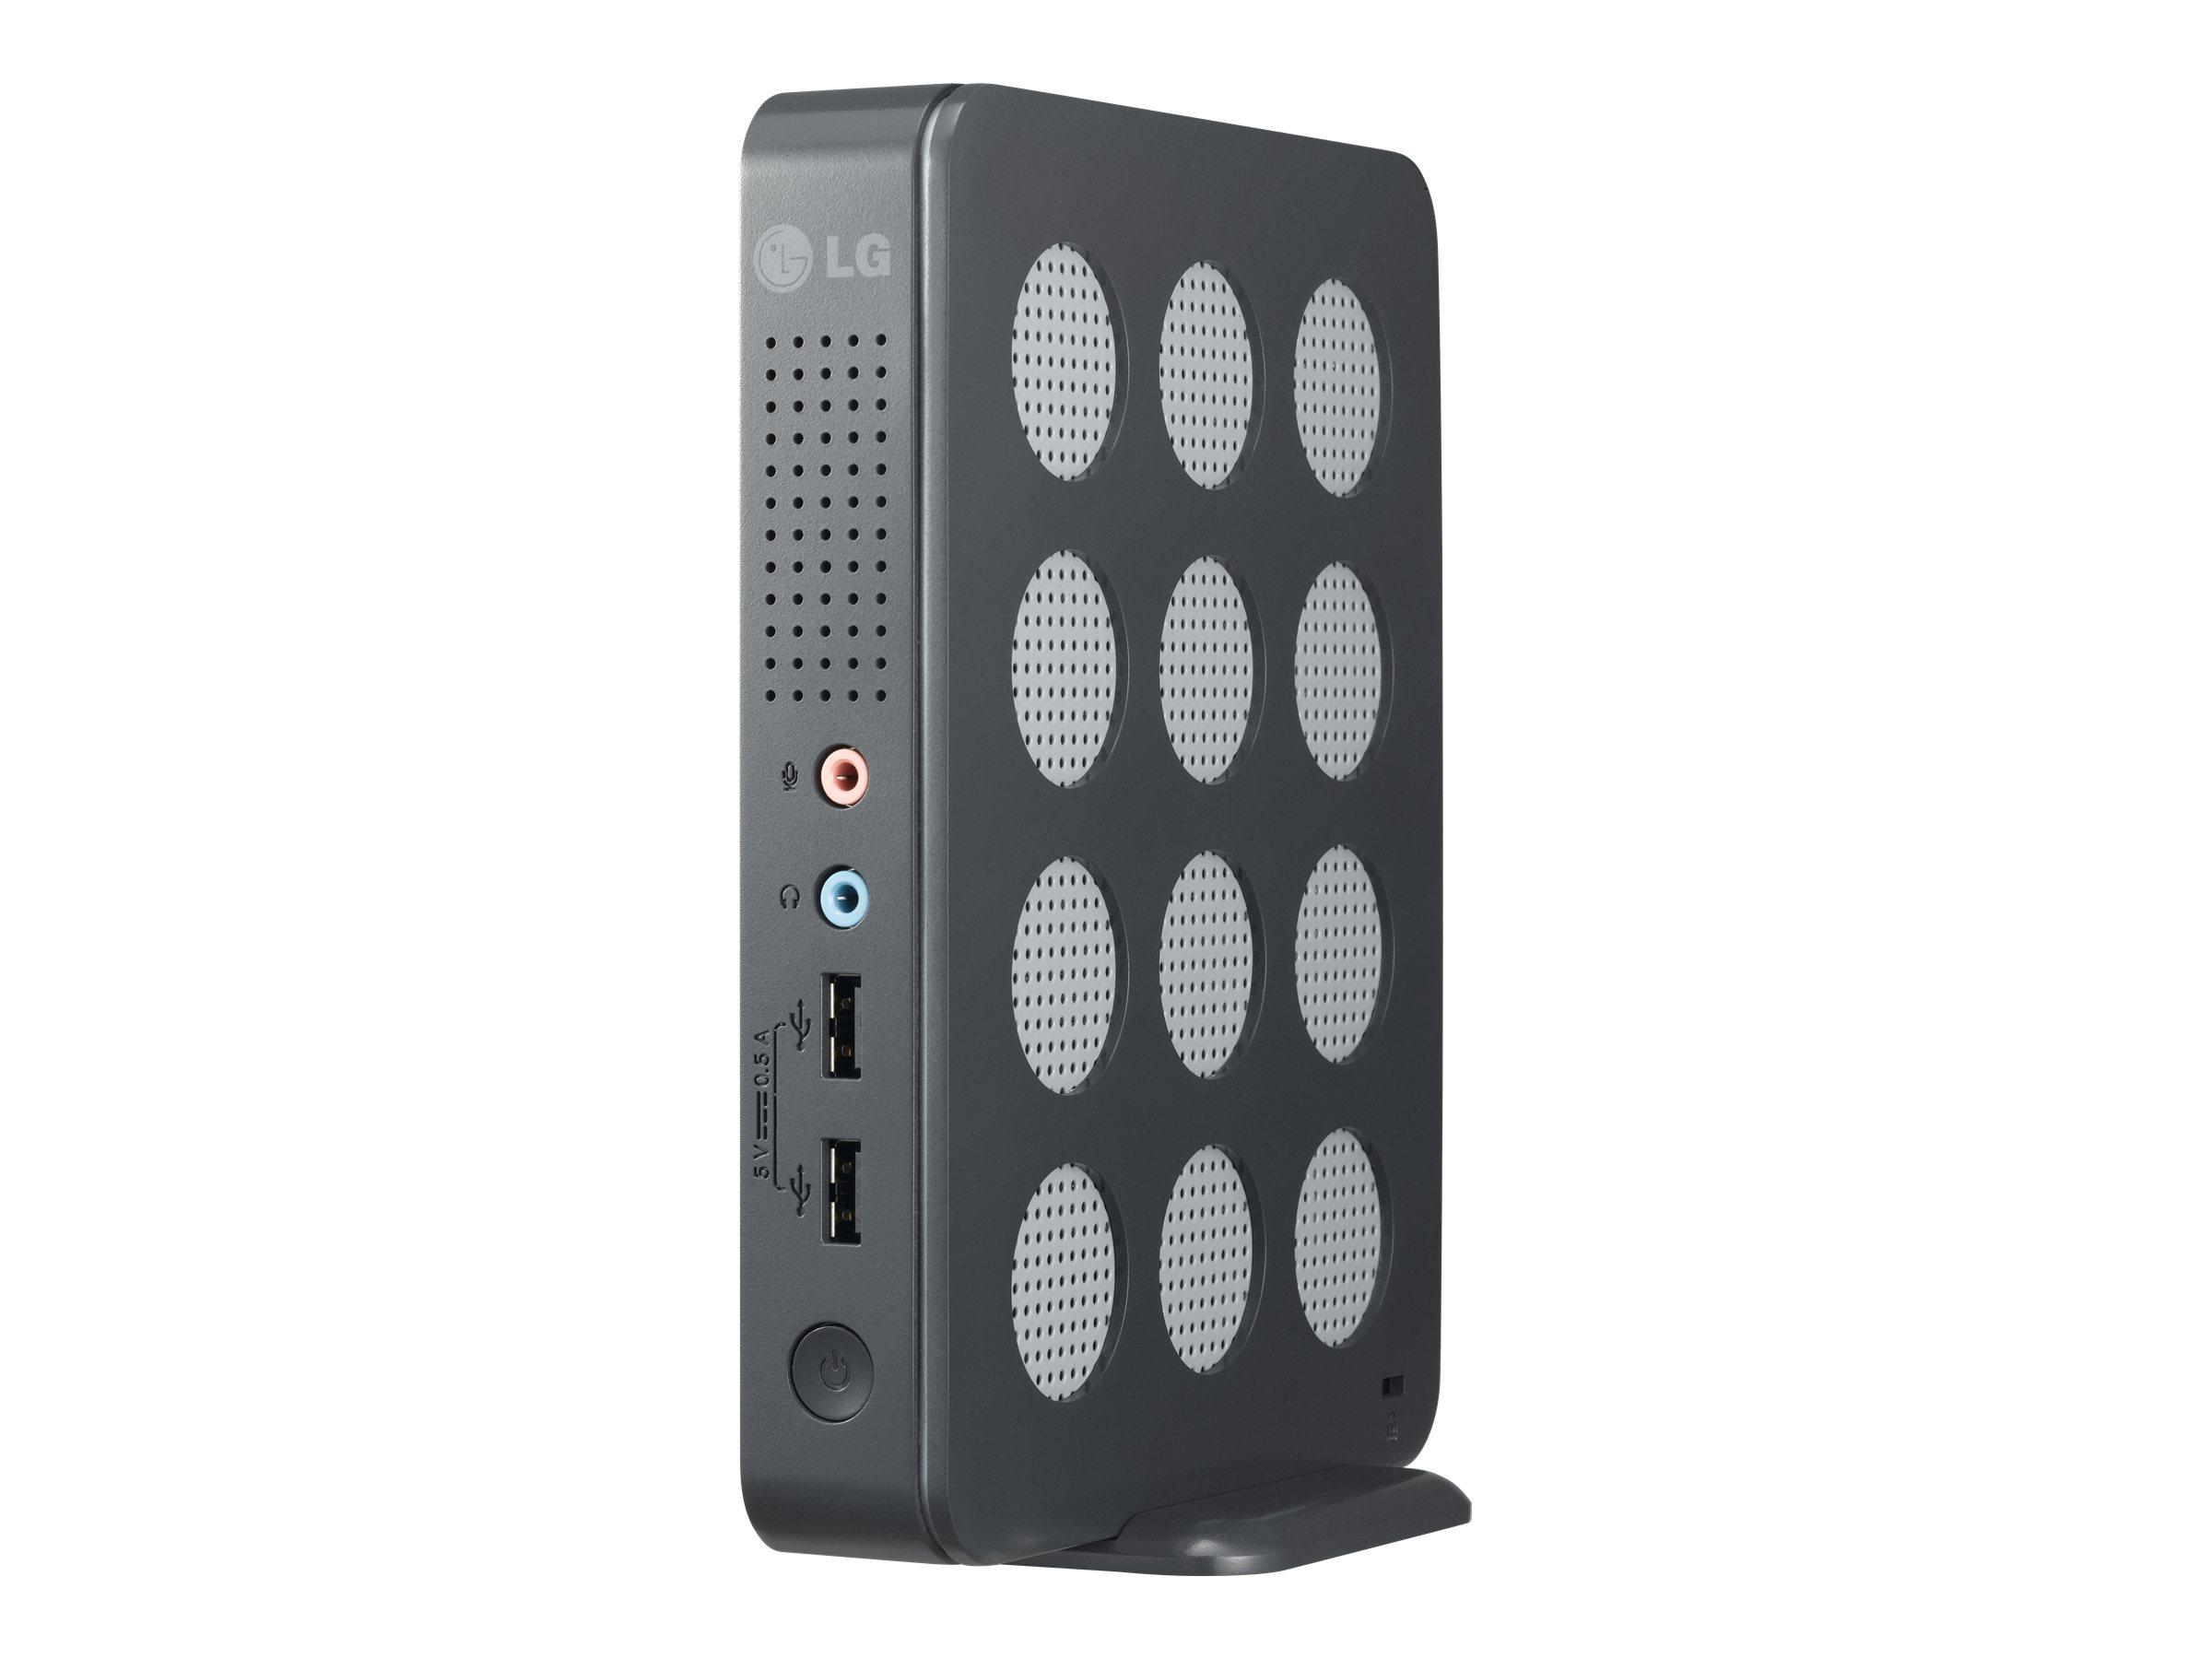 LG Cloud V Series CBV42-B - Zero Client